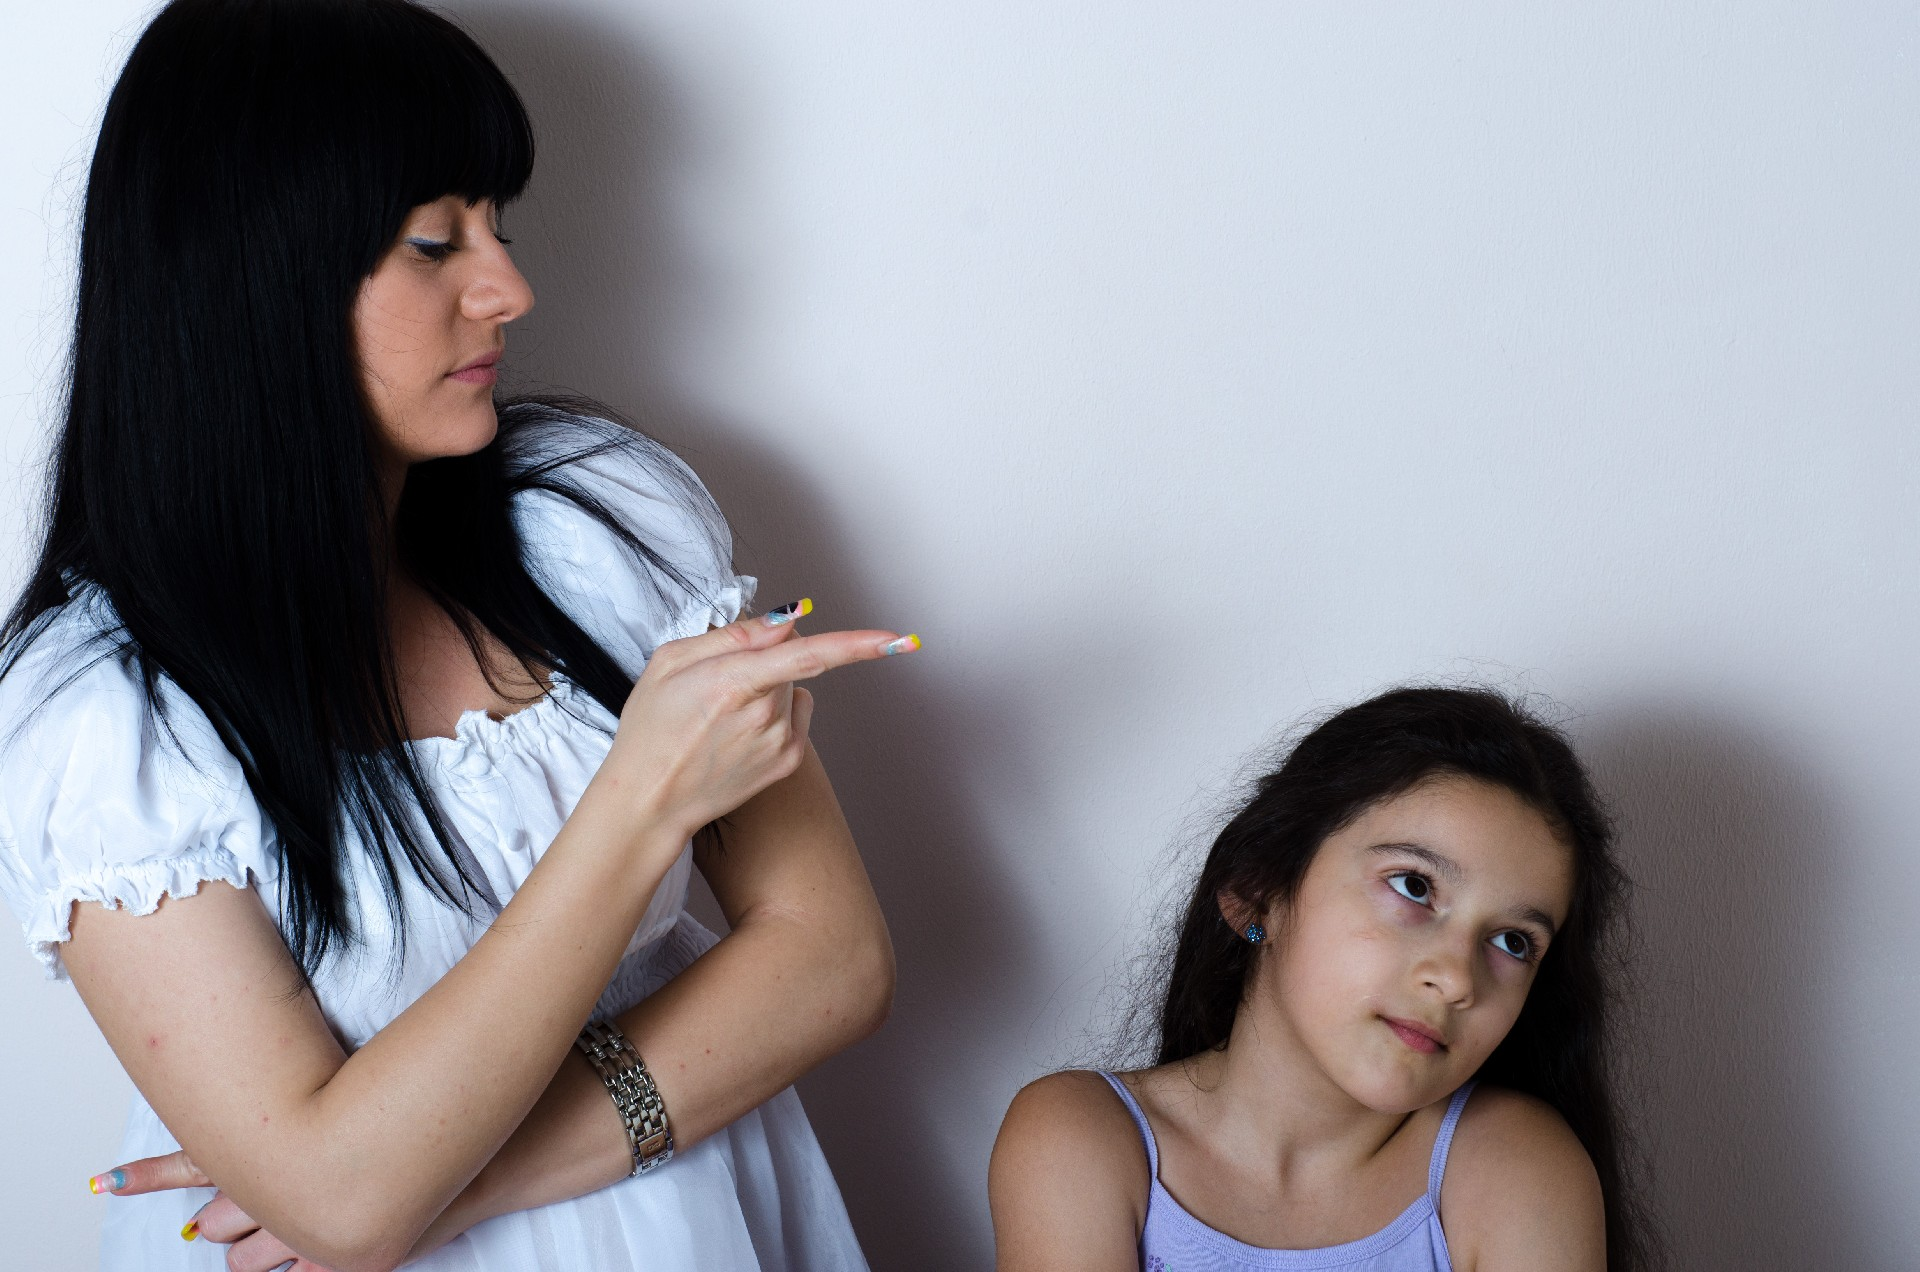 お互いwin-winになれるよその子の叱り方とは。迷わず叱れるようになるために必要なこと